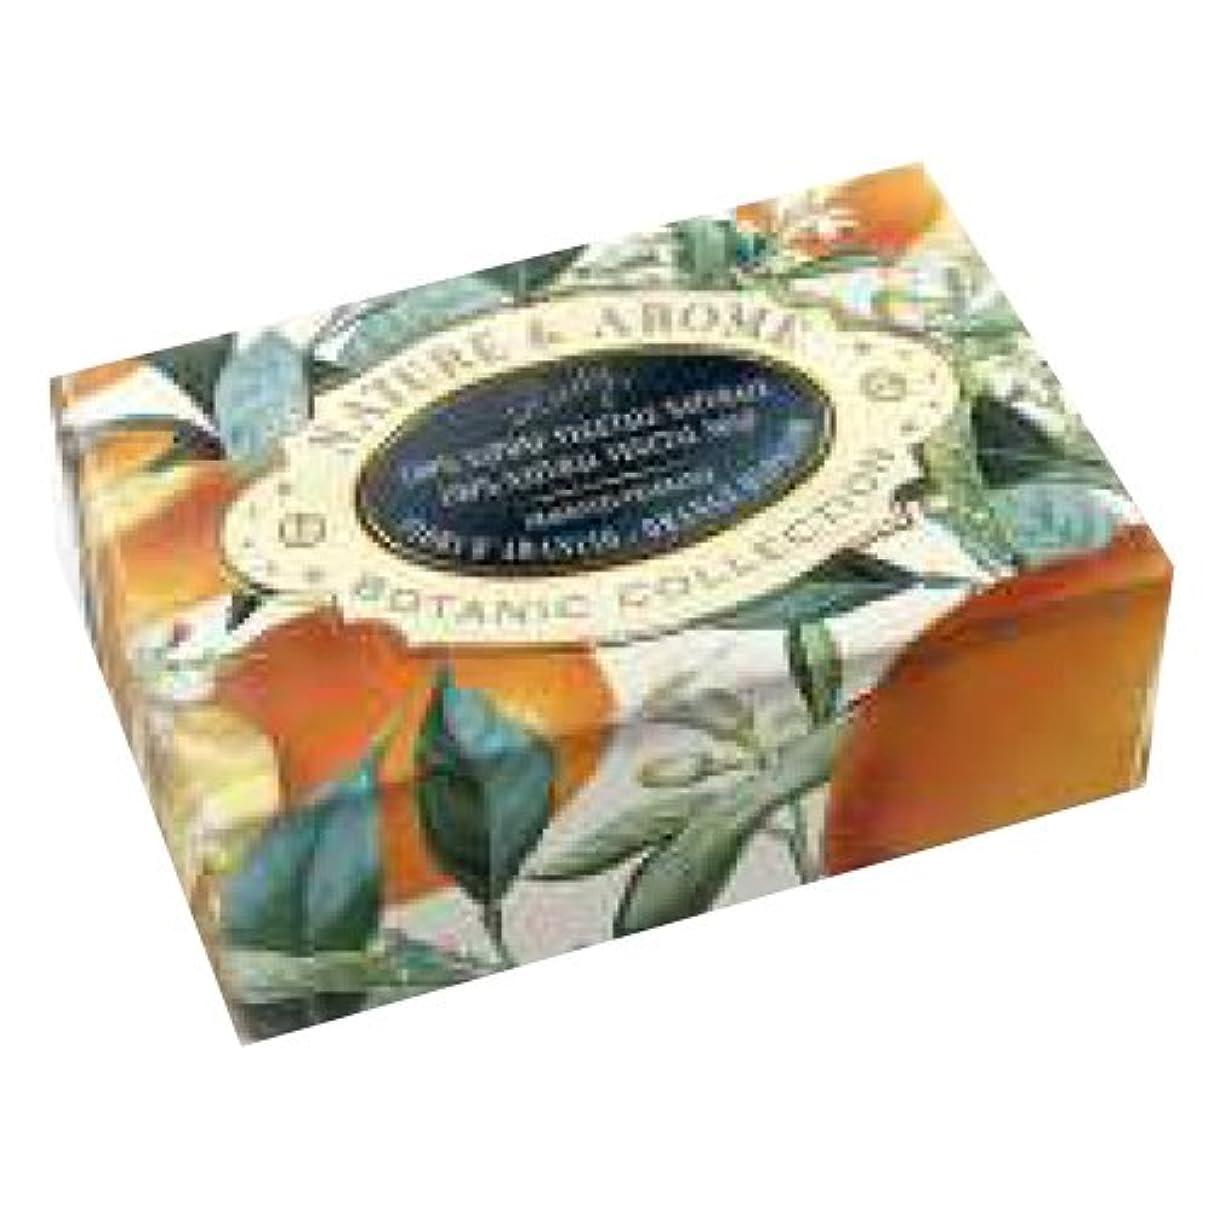 ログレガシー現実RUDY Nature&Arome SERIES ルディ ナチュール&アロマ Soap ソープ オレンジブロッサム